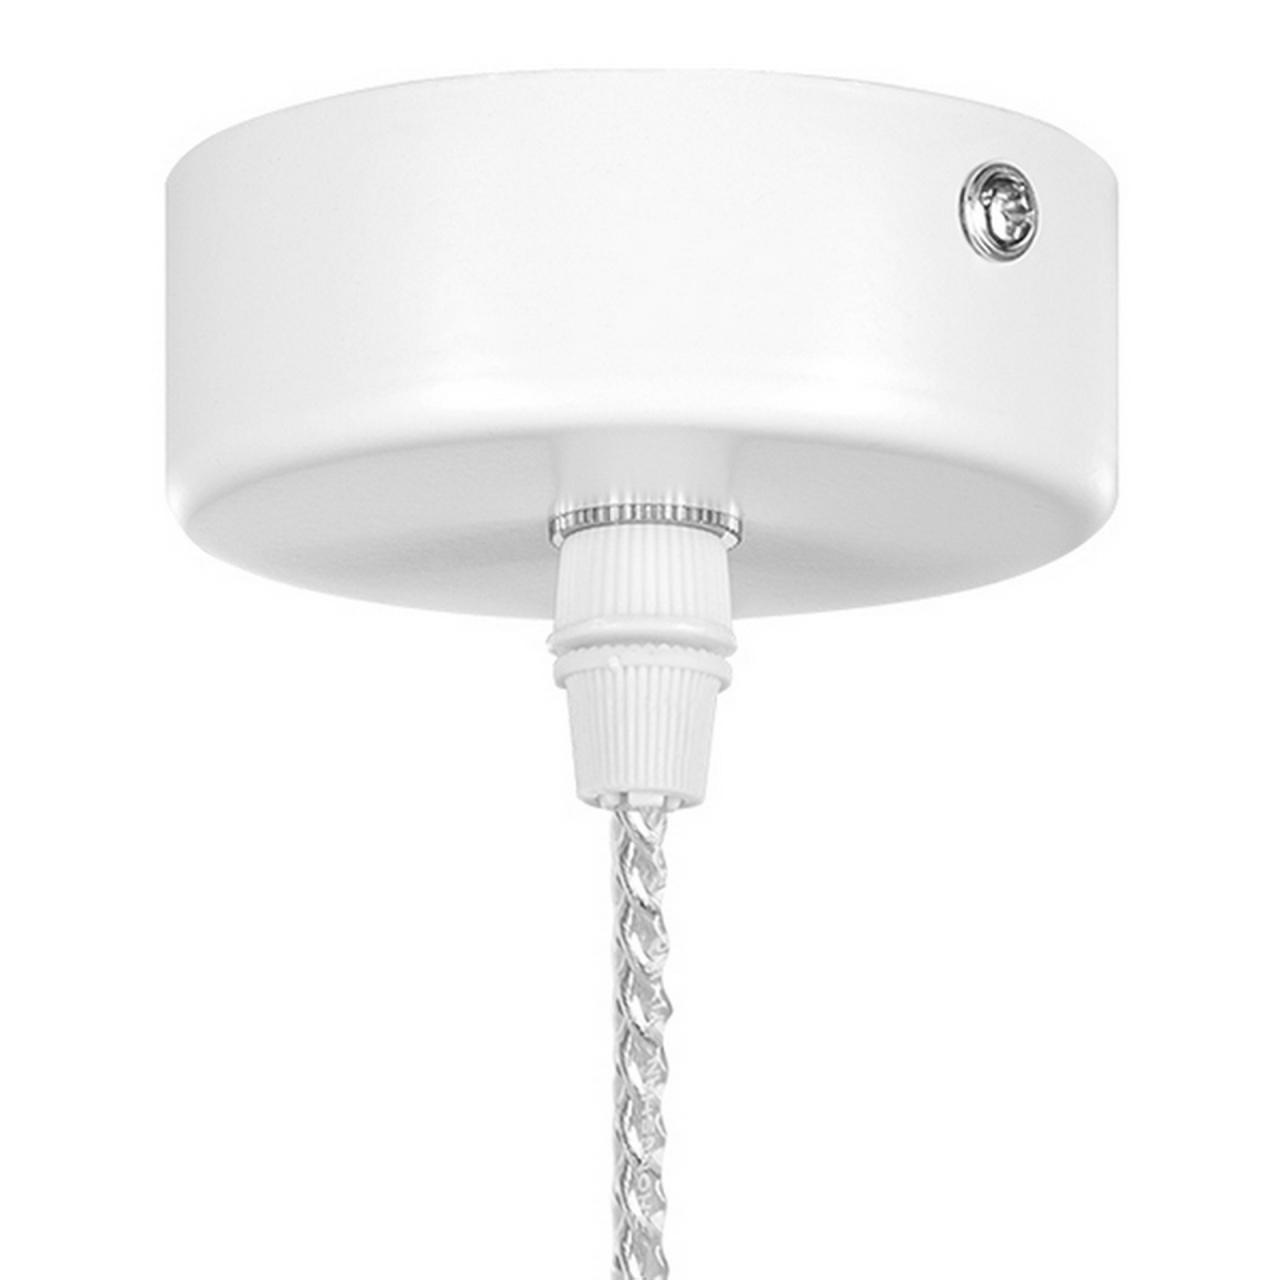 Подвесная люстра CONE LightStar 757016 цвет - белый матовый